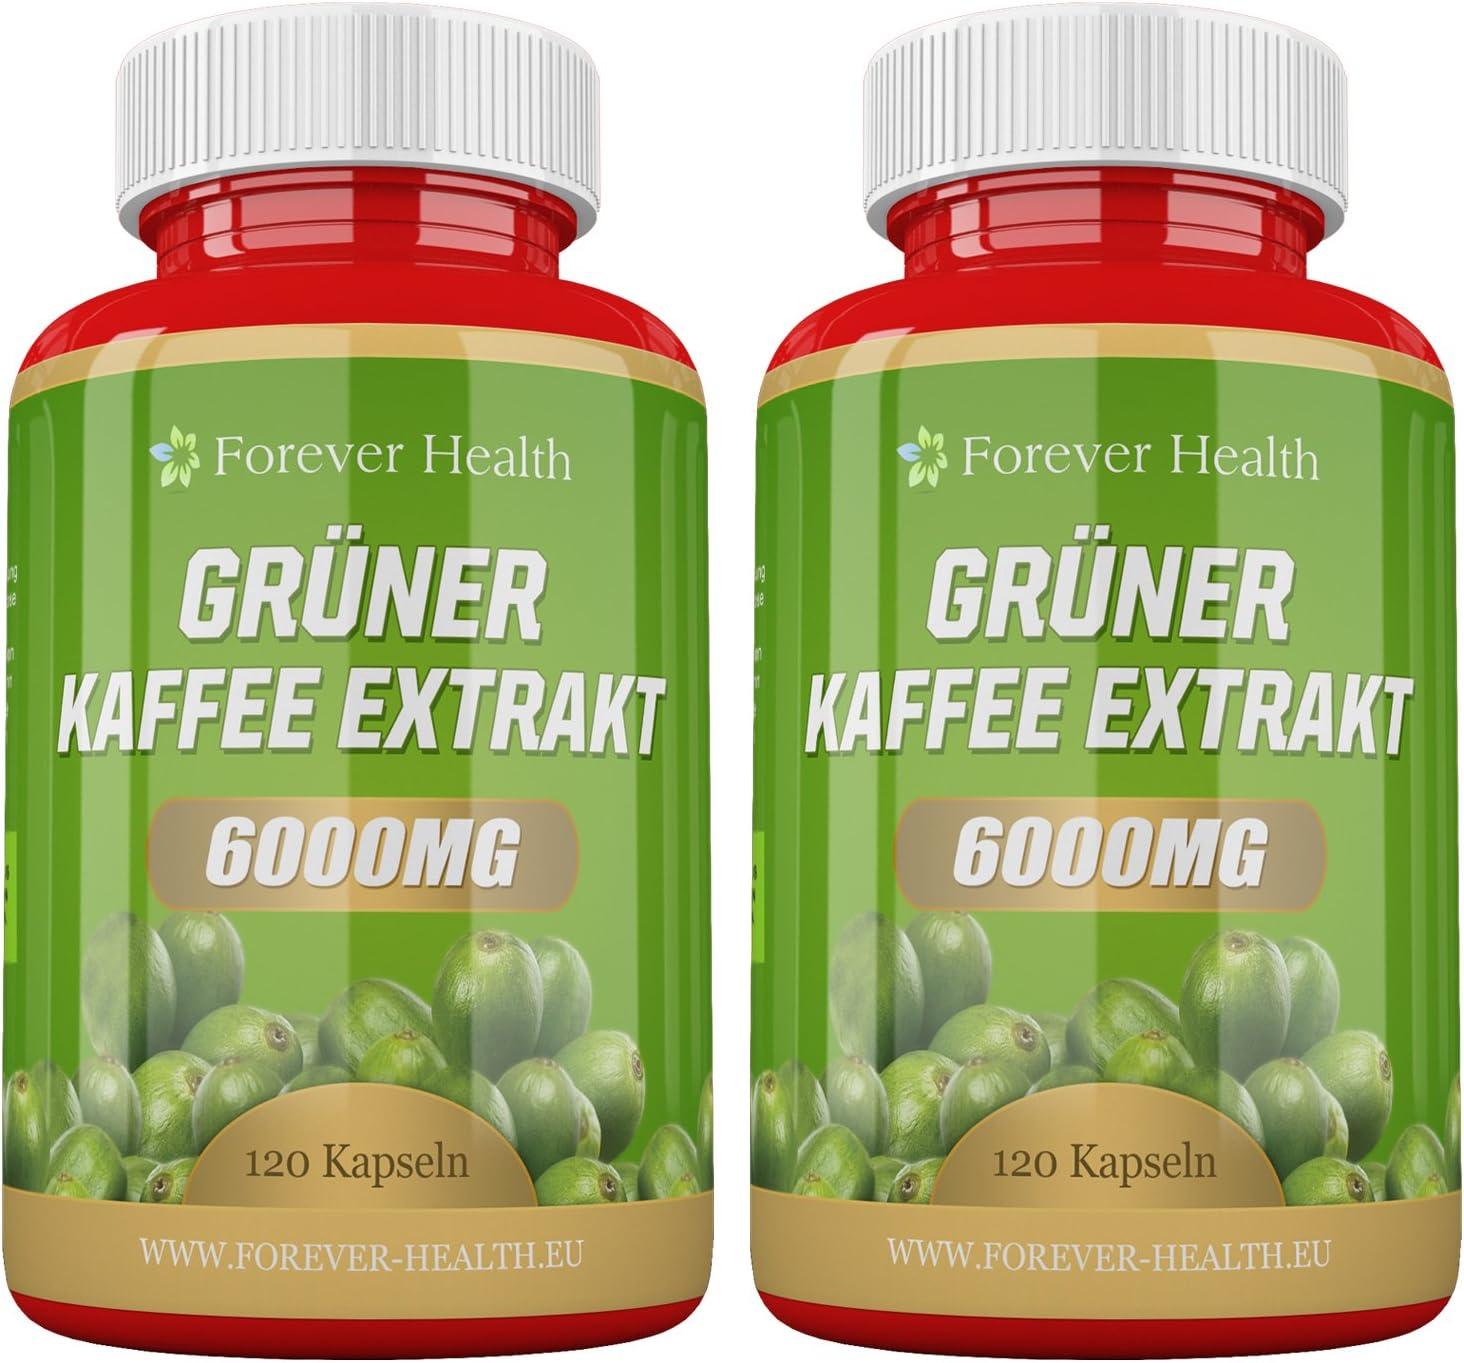 Wie man grüne Kaffeebohnen nimmt, um Gewicht zu verlieren